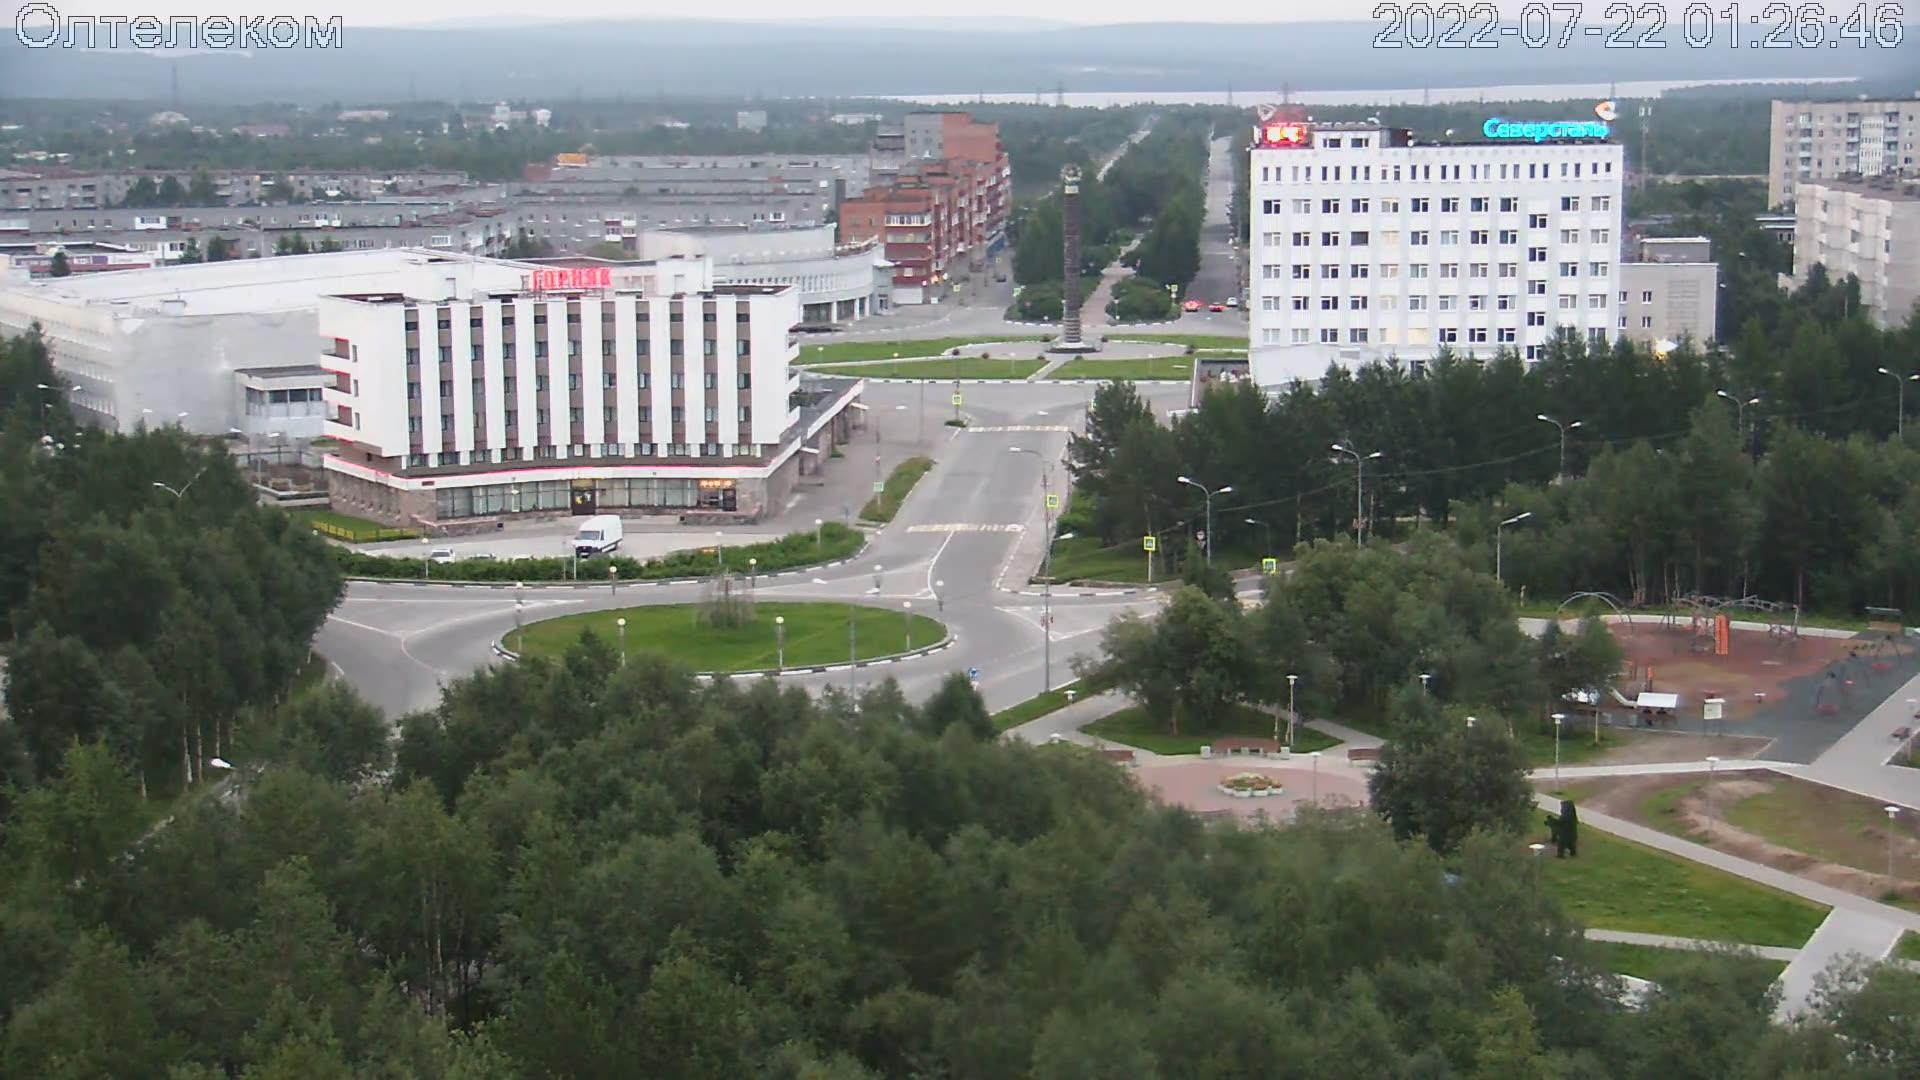 Webkamera Olenegorsk: Обзорная